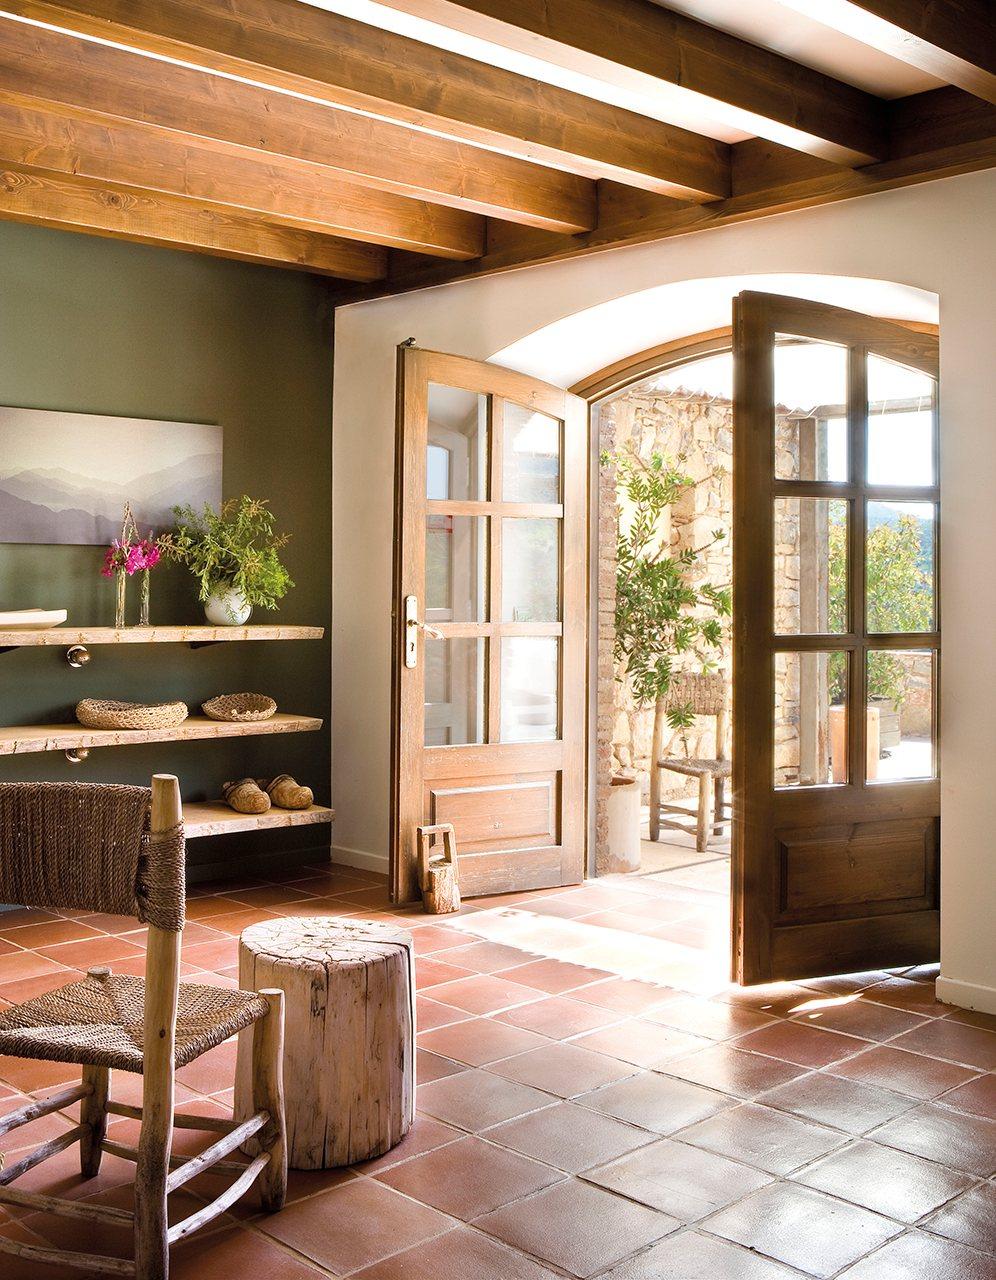 Reinventa tu recibidor con peque os cambios - Mueble recibidor rustico ...